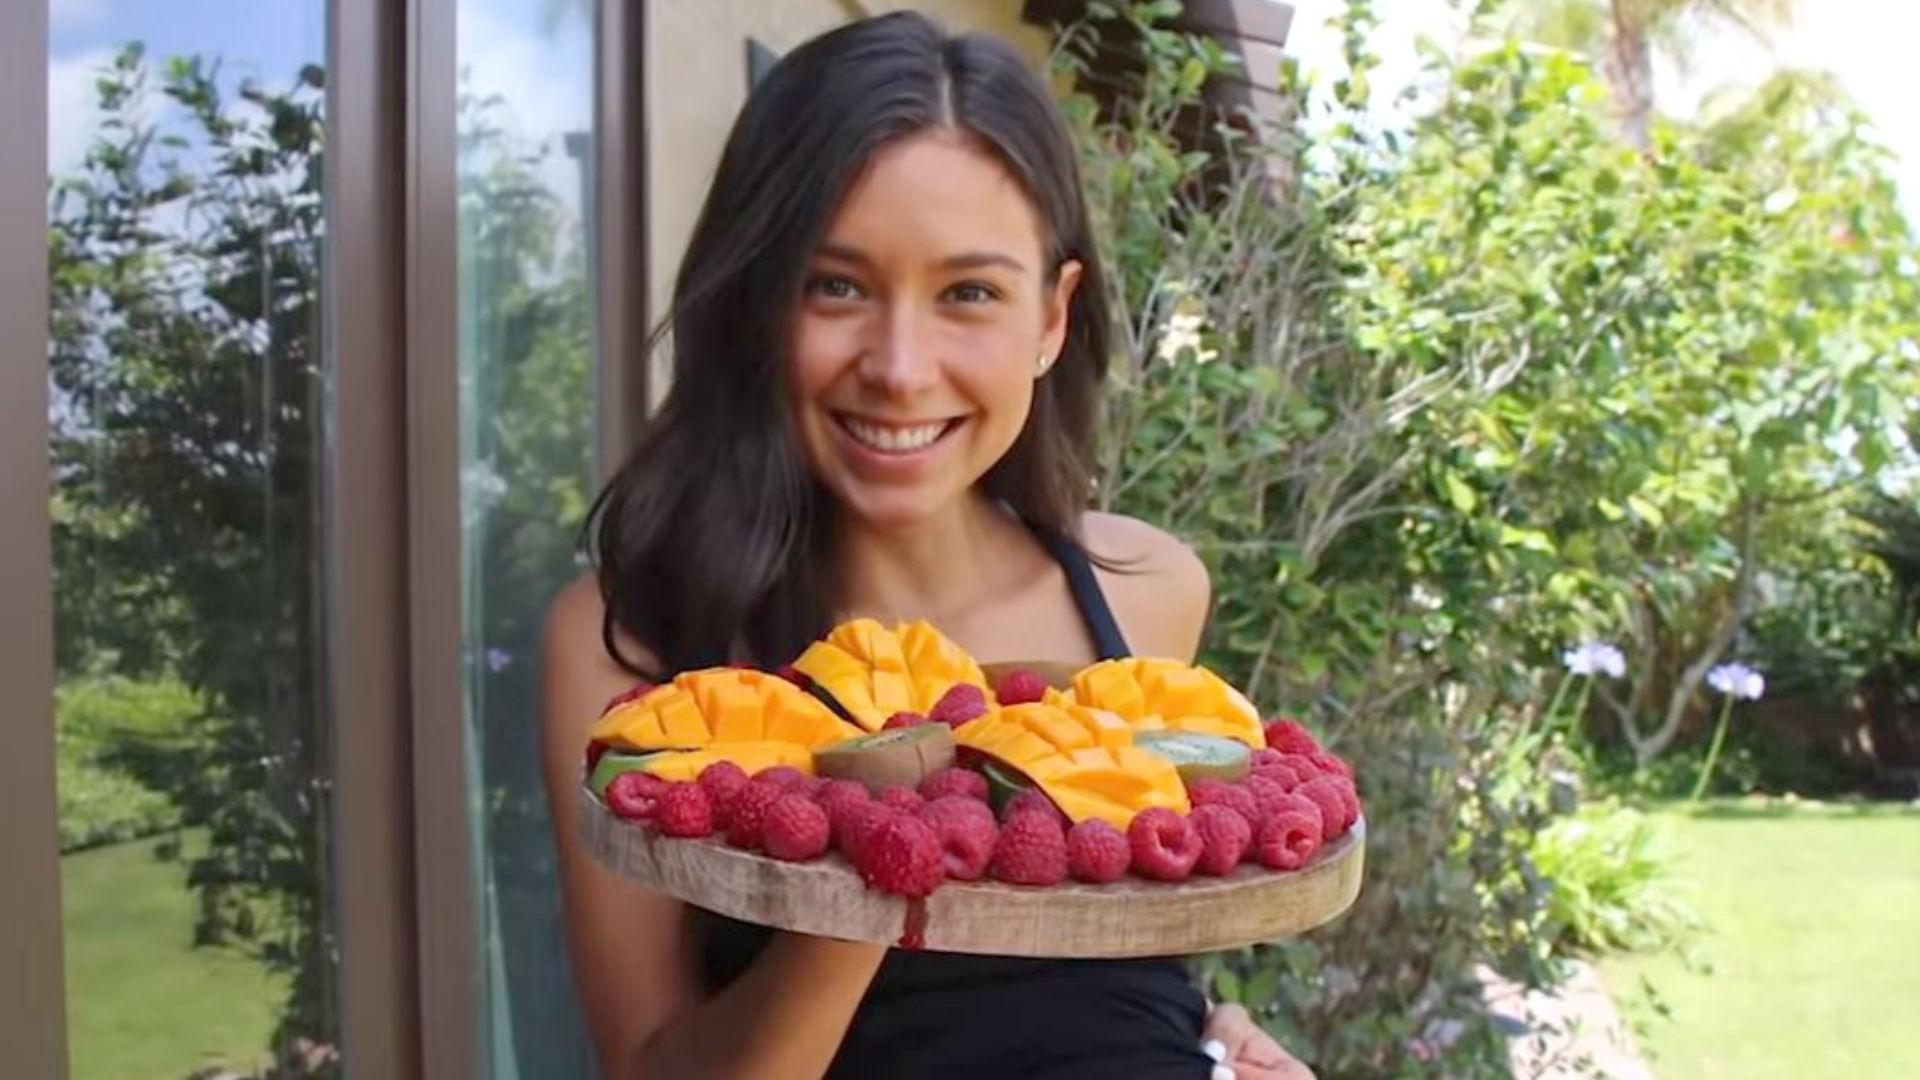 """La influencer """"vegana"""" ha perdido lo más preciado: seguidores (Foto: YouTube Rawvana)"""